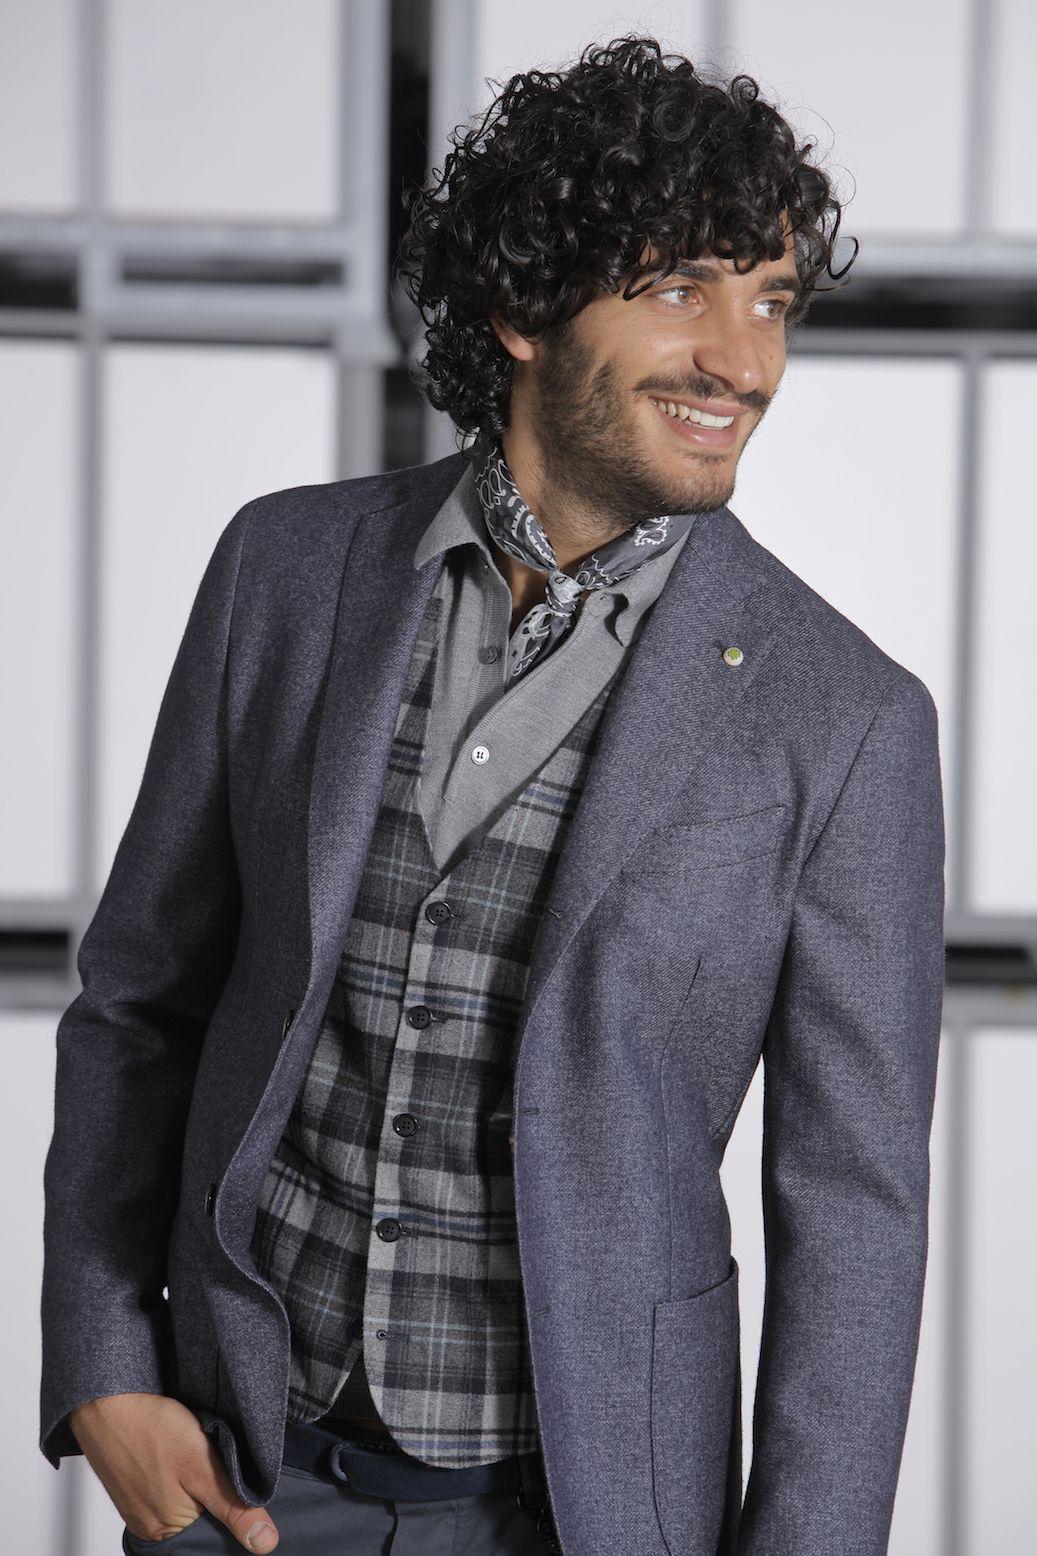 Caldo e morbido Lambswool délavè per la giacca vestibilità decostruita, senza fodera e con dettagli interni a contrasto. Tasca interna porta cellulare. Spalla naturale senza supporti, chiusura con 3 bottoni stirati a 2. Abbinata ad un gilet 5 bottoni, foderato, realizzato in un madras leggermente follato.  #citytime #citytimefashion #fashion #modauomo #stileitaliano #italianstyle #giacche #class #menswear #vscofashion #fashionblogger